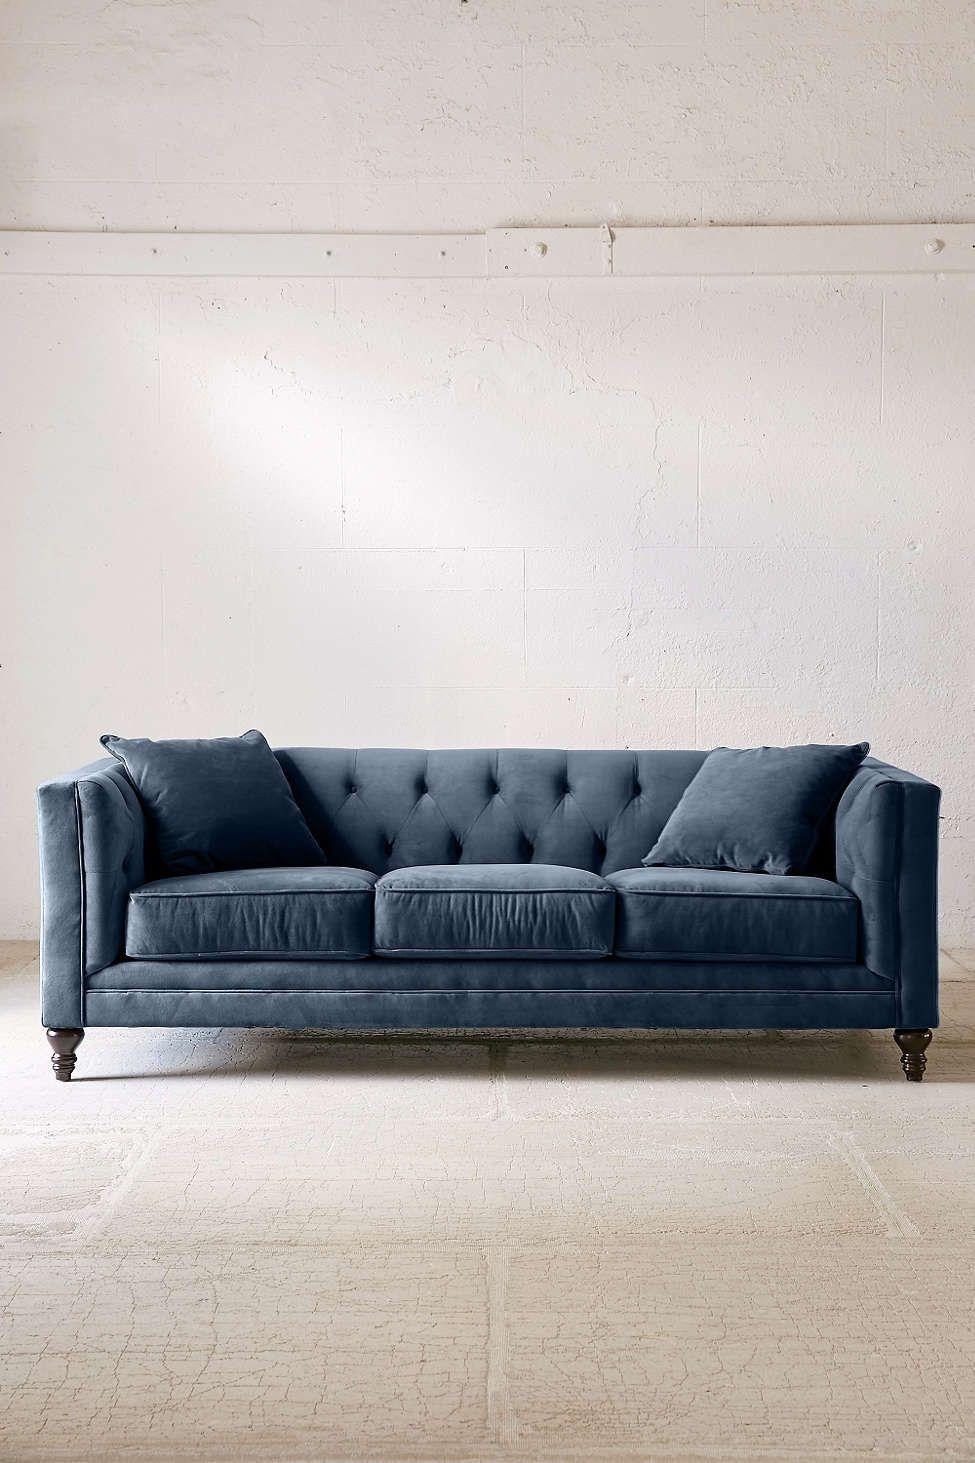 Samt sofa wohndesign wohnzimmer ideen brabbu einrichtungsideen luxus möbel wohnideen